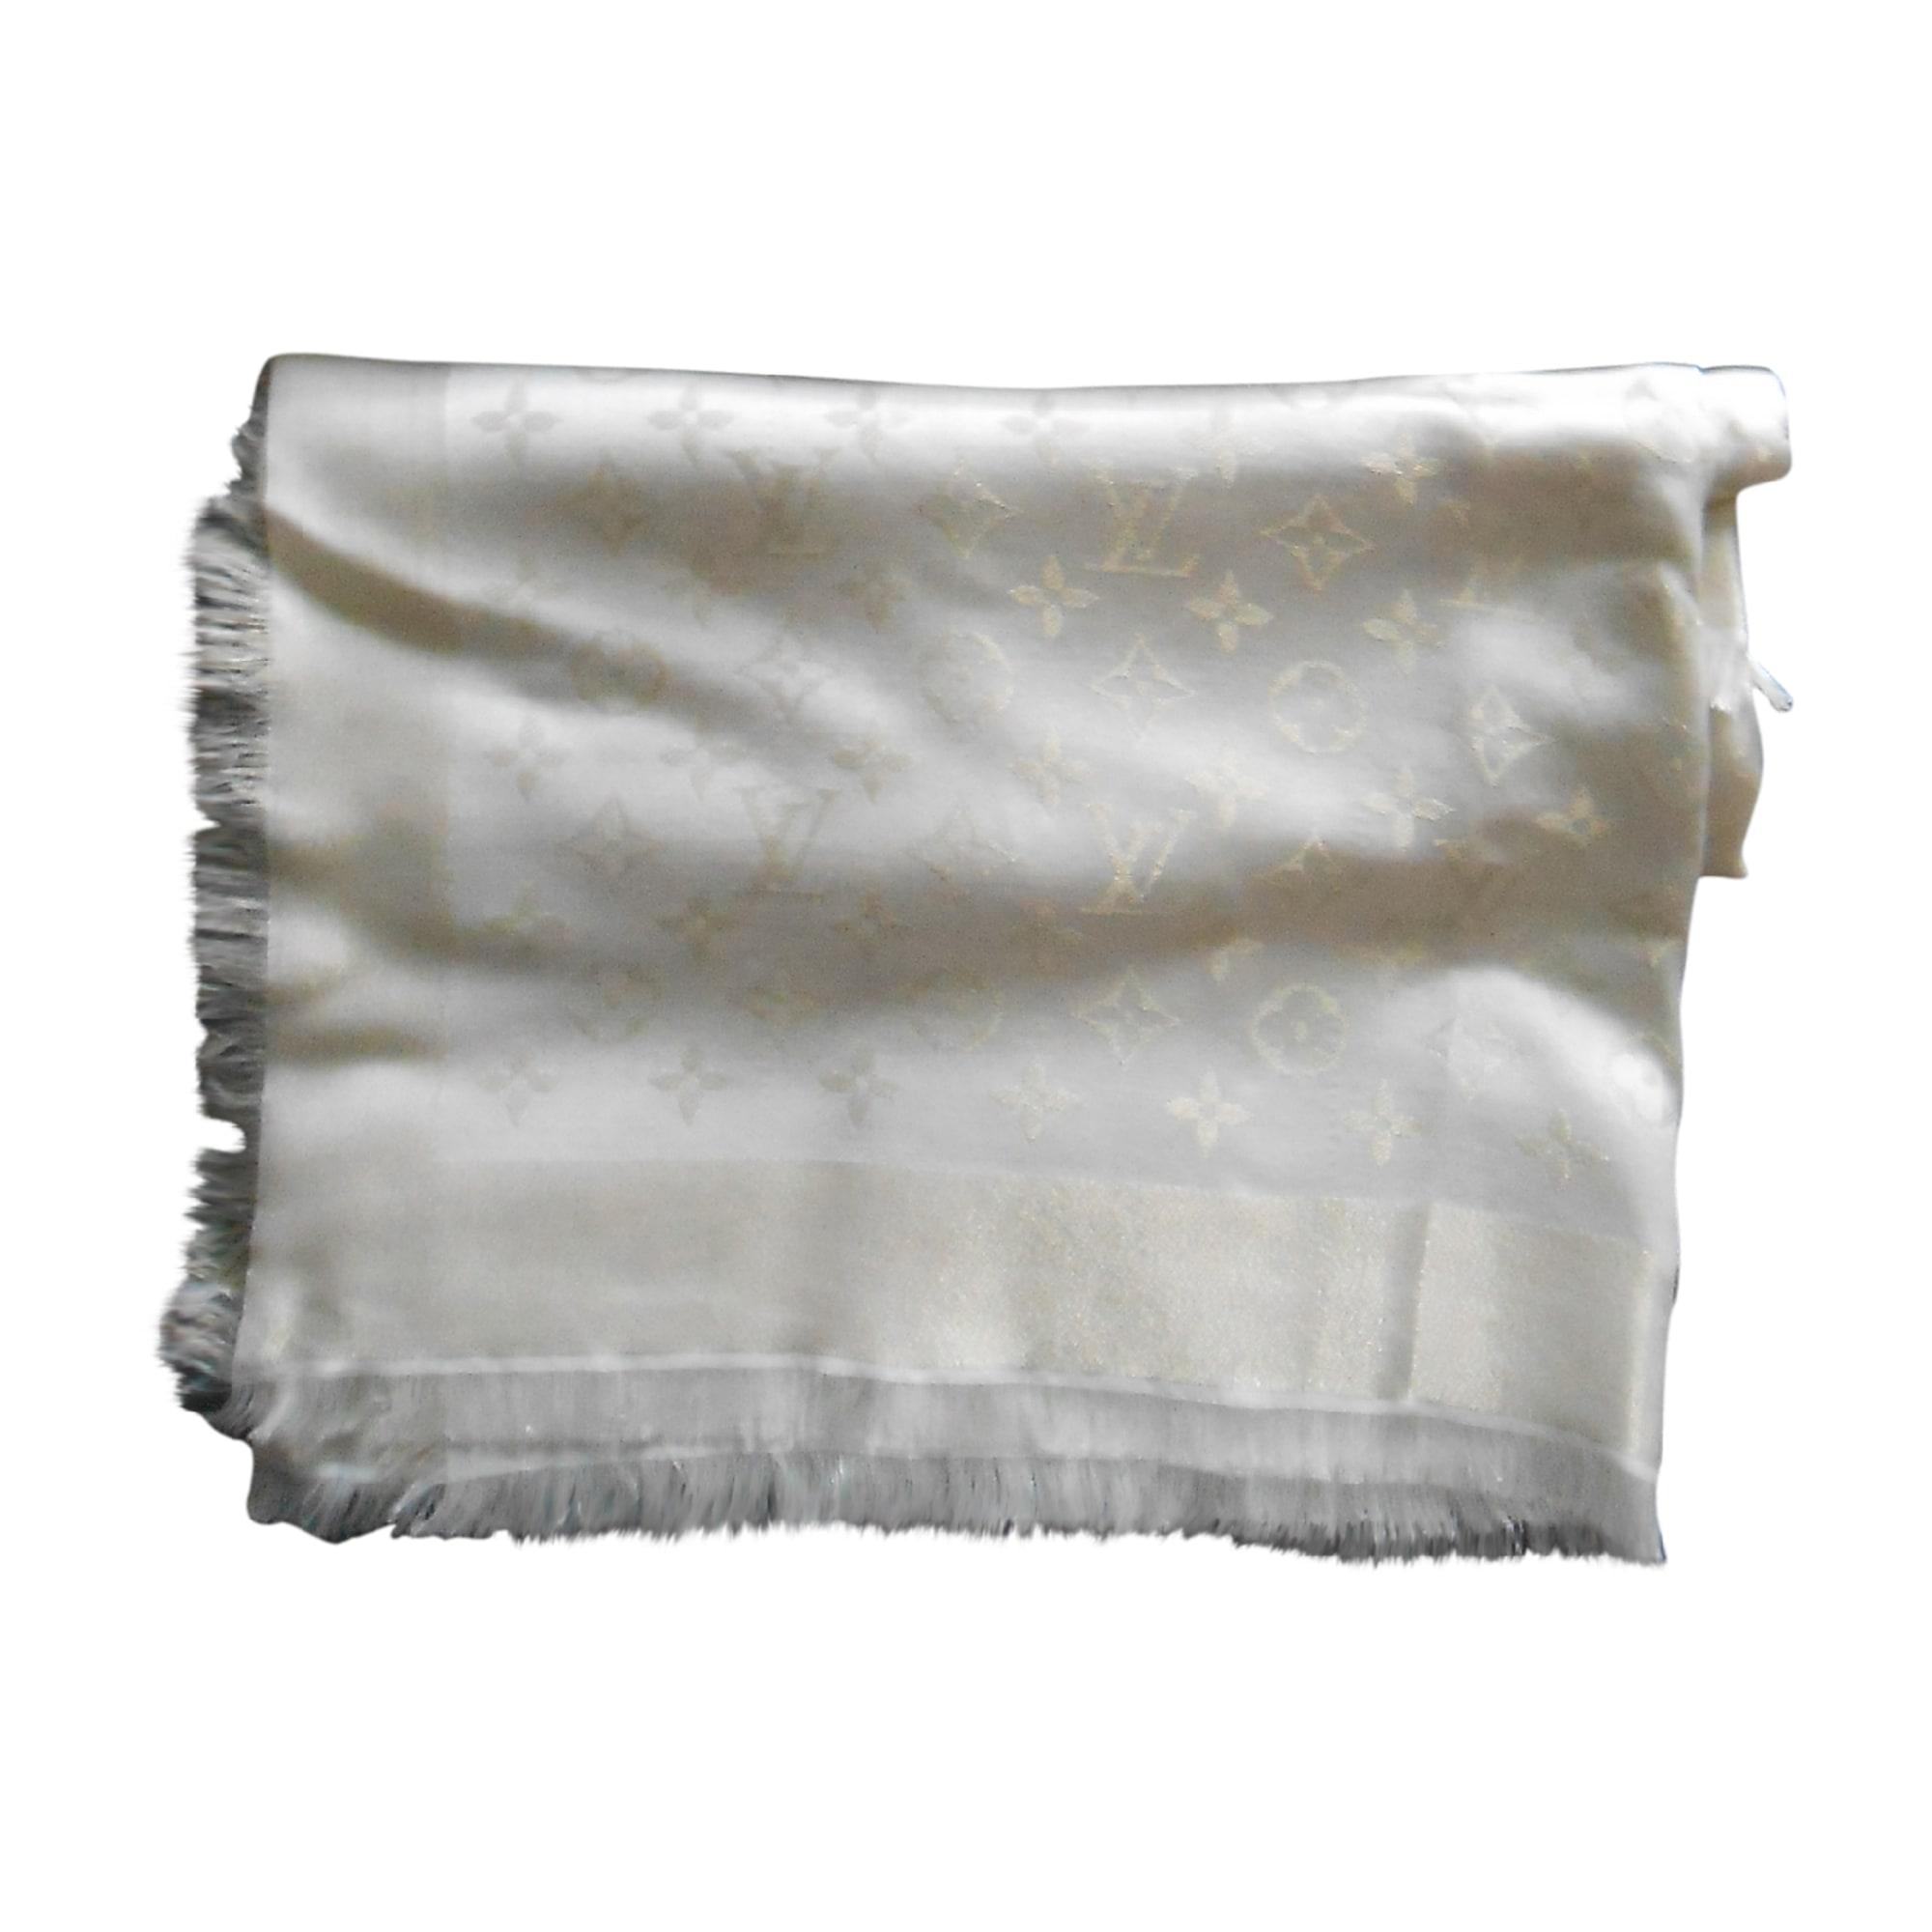 Châle LOUIS VUITTON beige vendu par So0204 - 4316562 7c273969cda